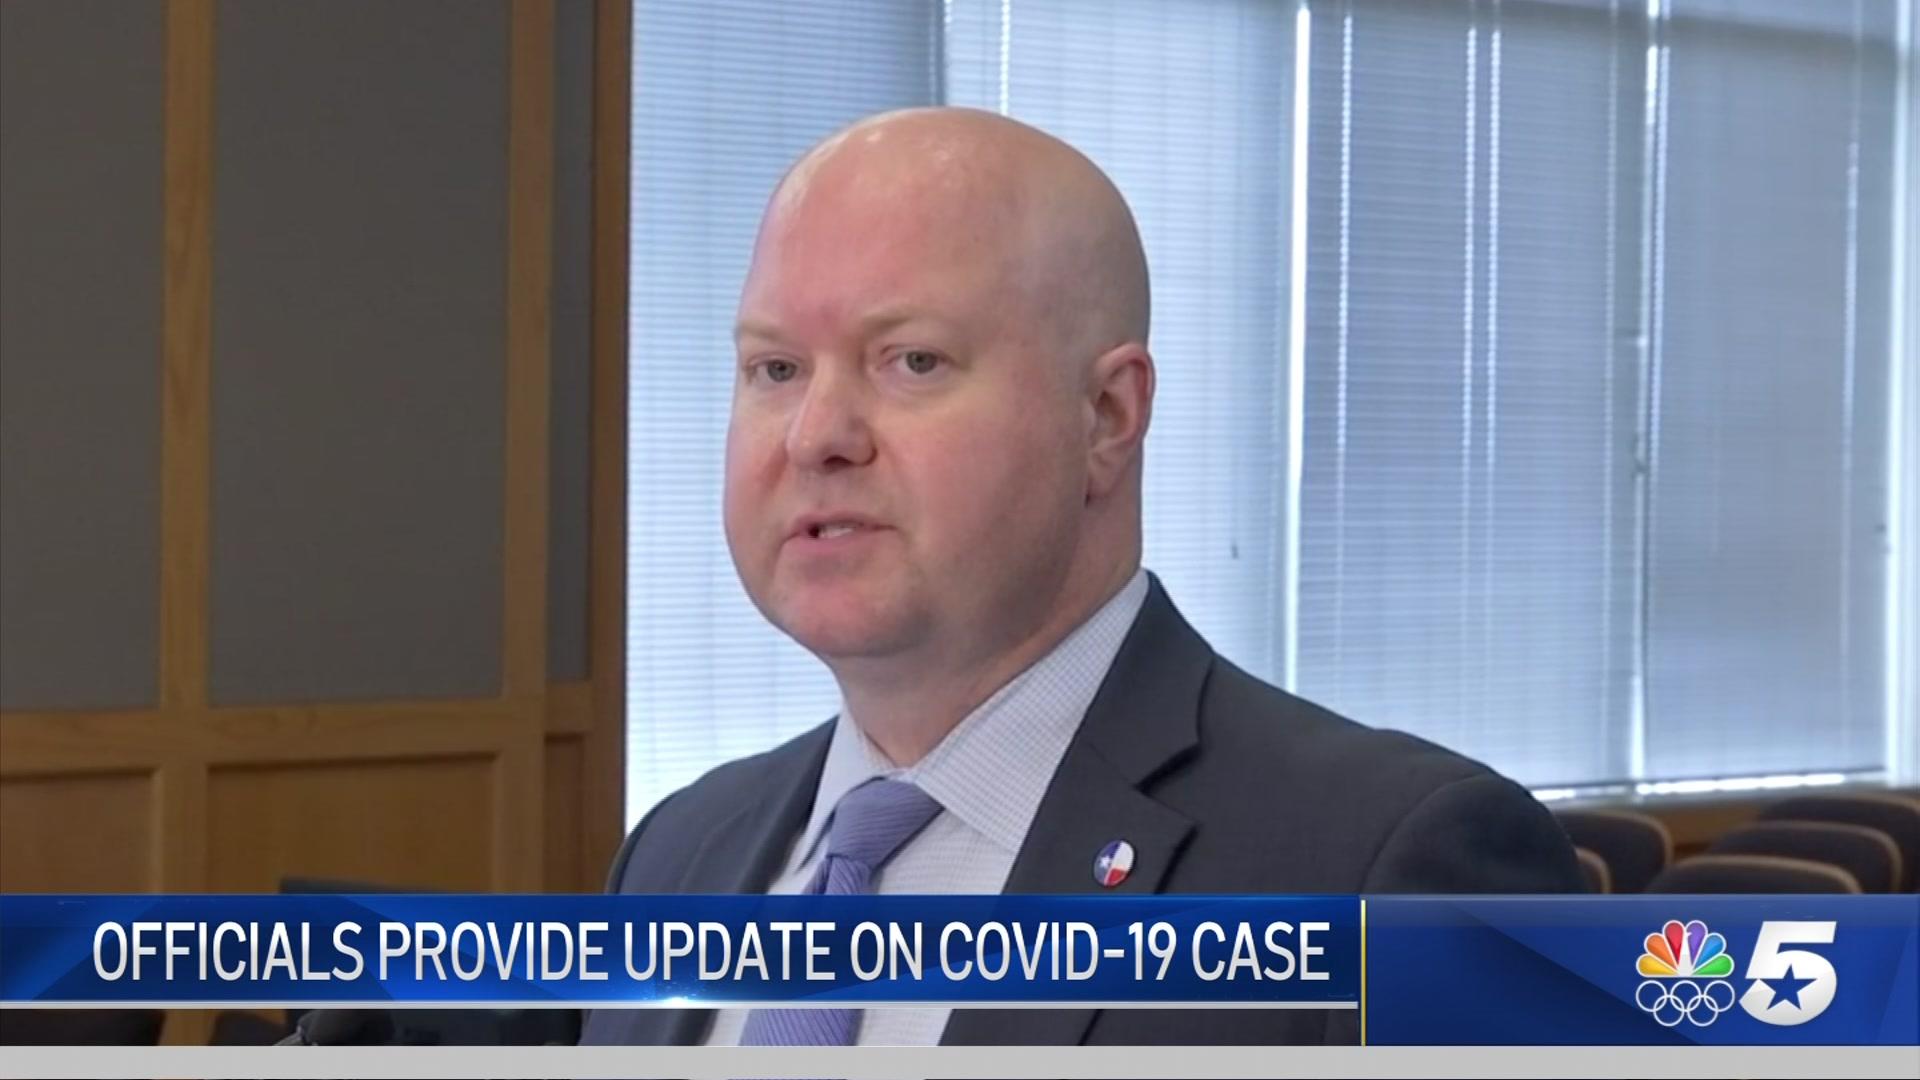 Collin County Judge Discusses Presumptive COVID-19 Case – NBC 5 ...